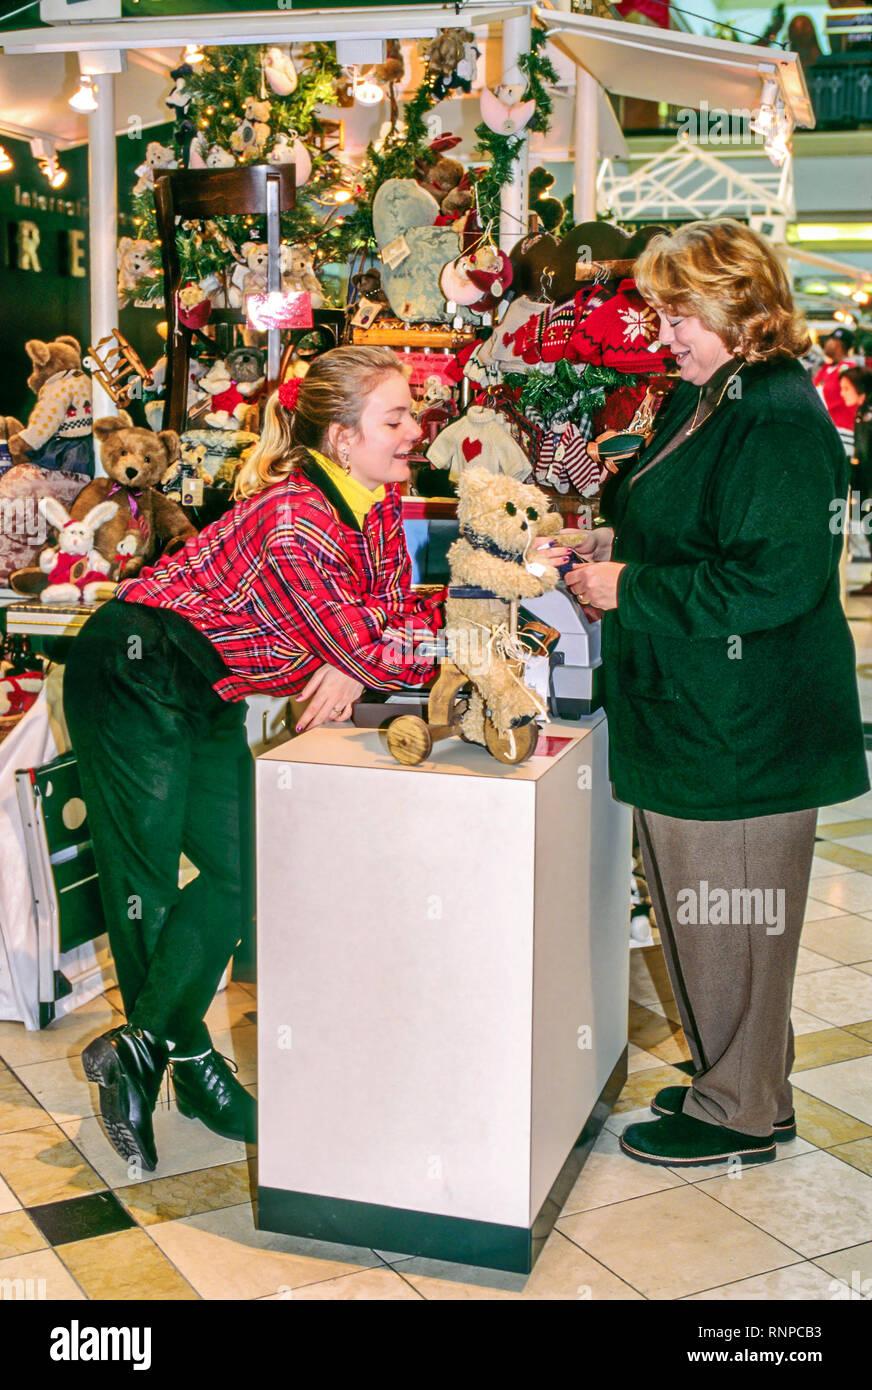 Frauen Geschenke Weihnachten.Junge Frau Verkäufer Weibliche Kunden Frauen Shop Jobs Arbeit